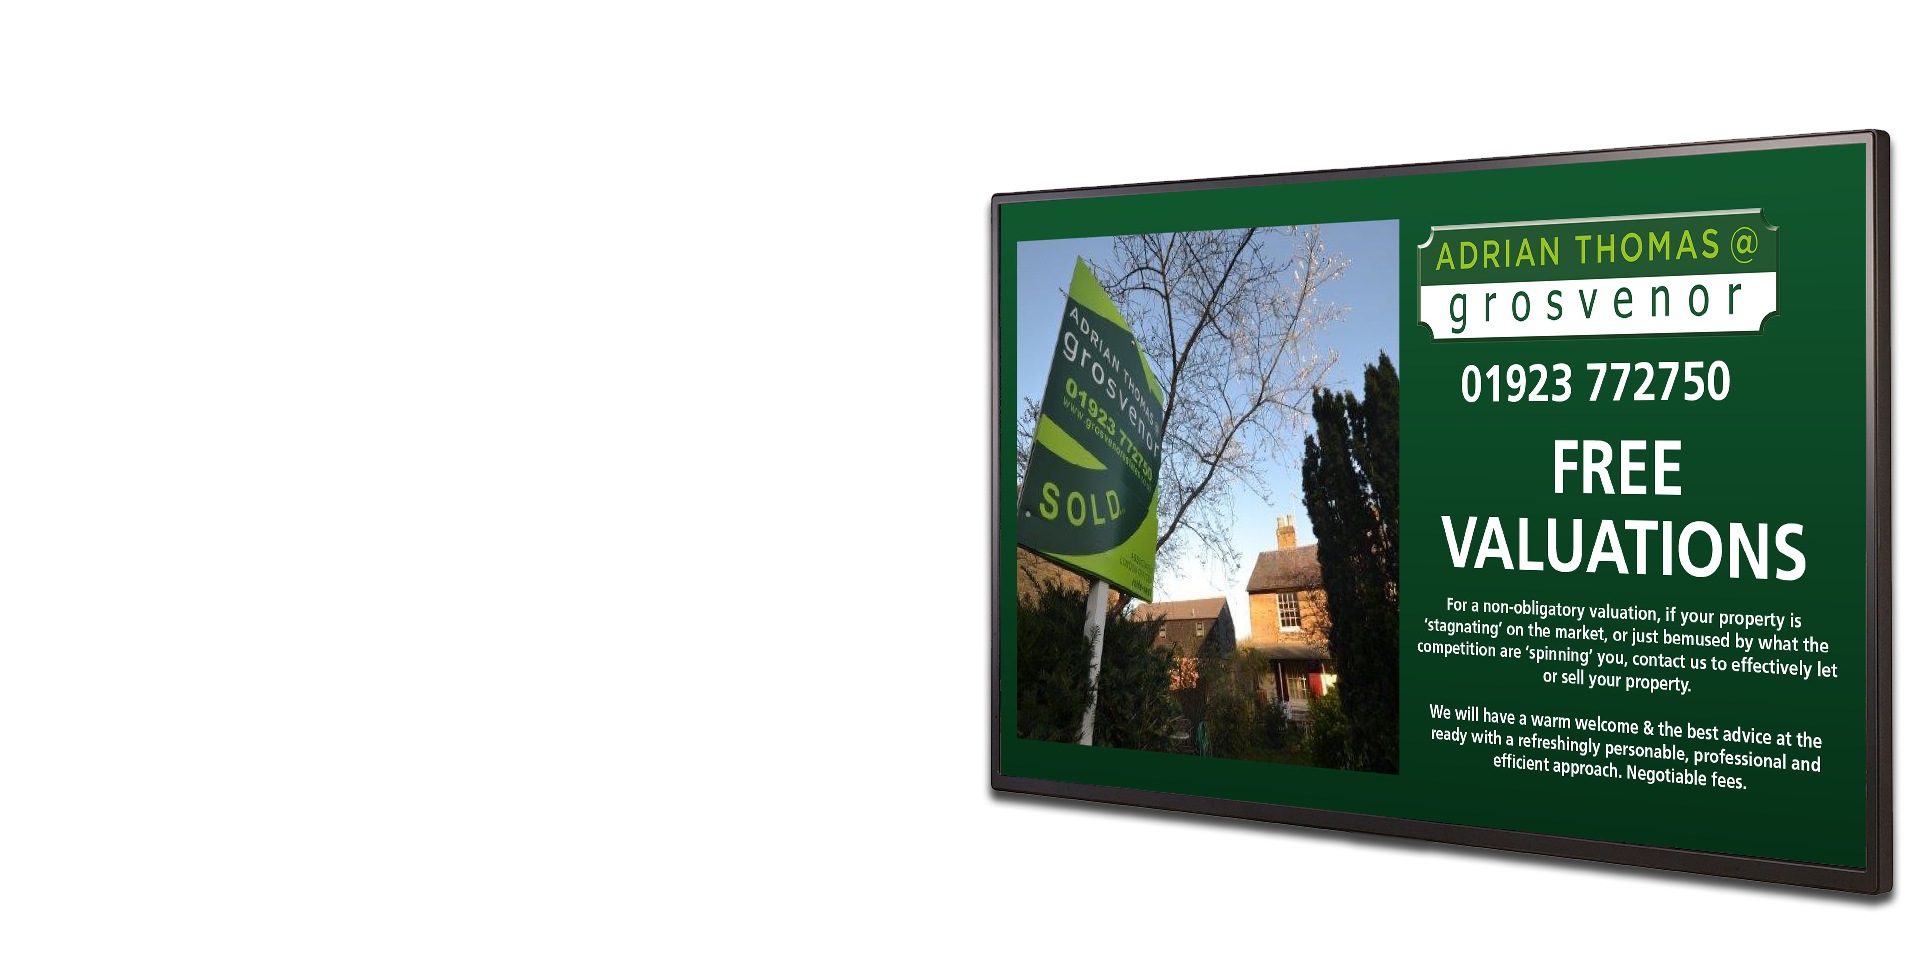 Grosvenor Estate Agents Digital Signage